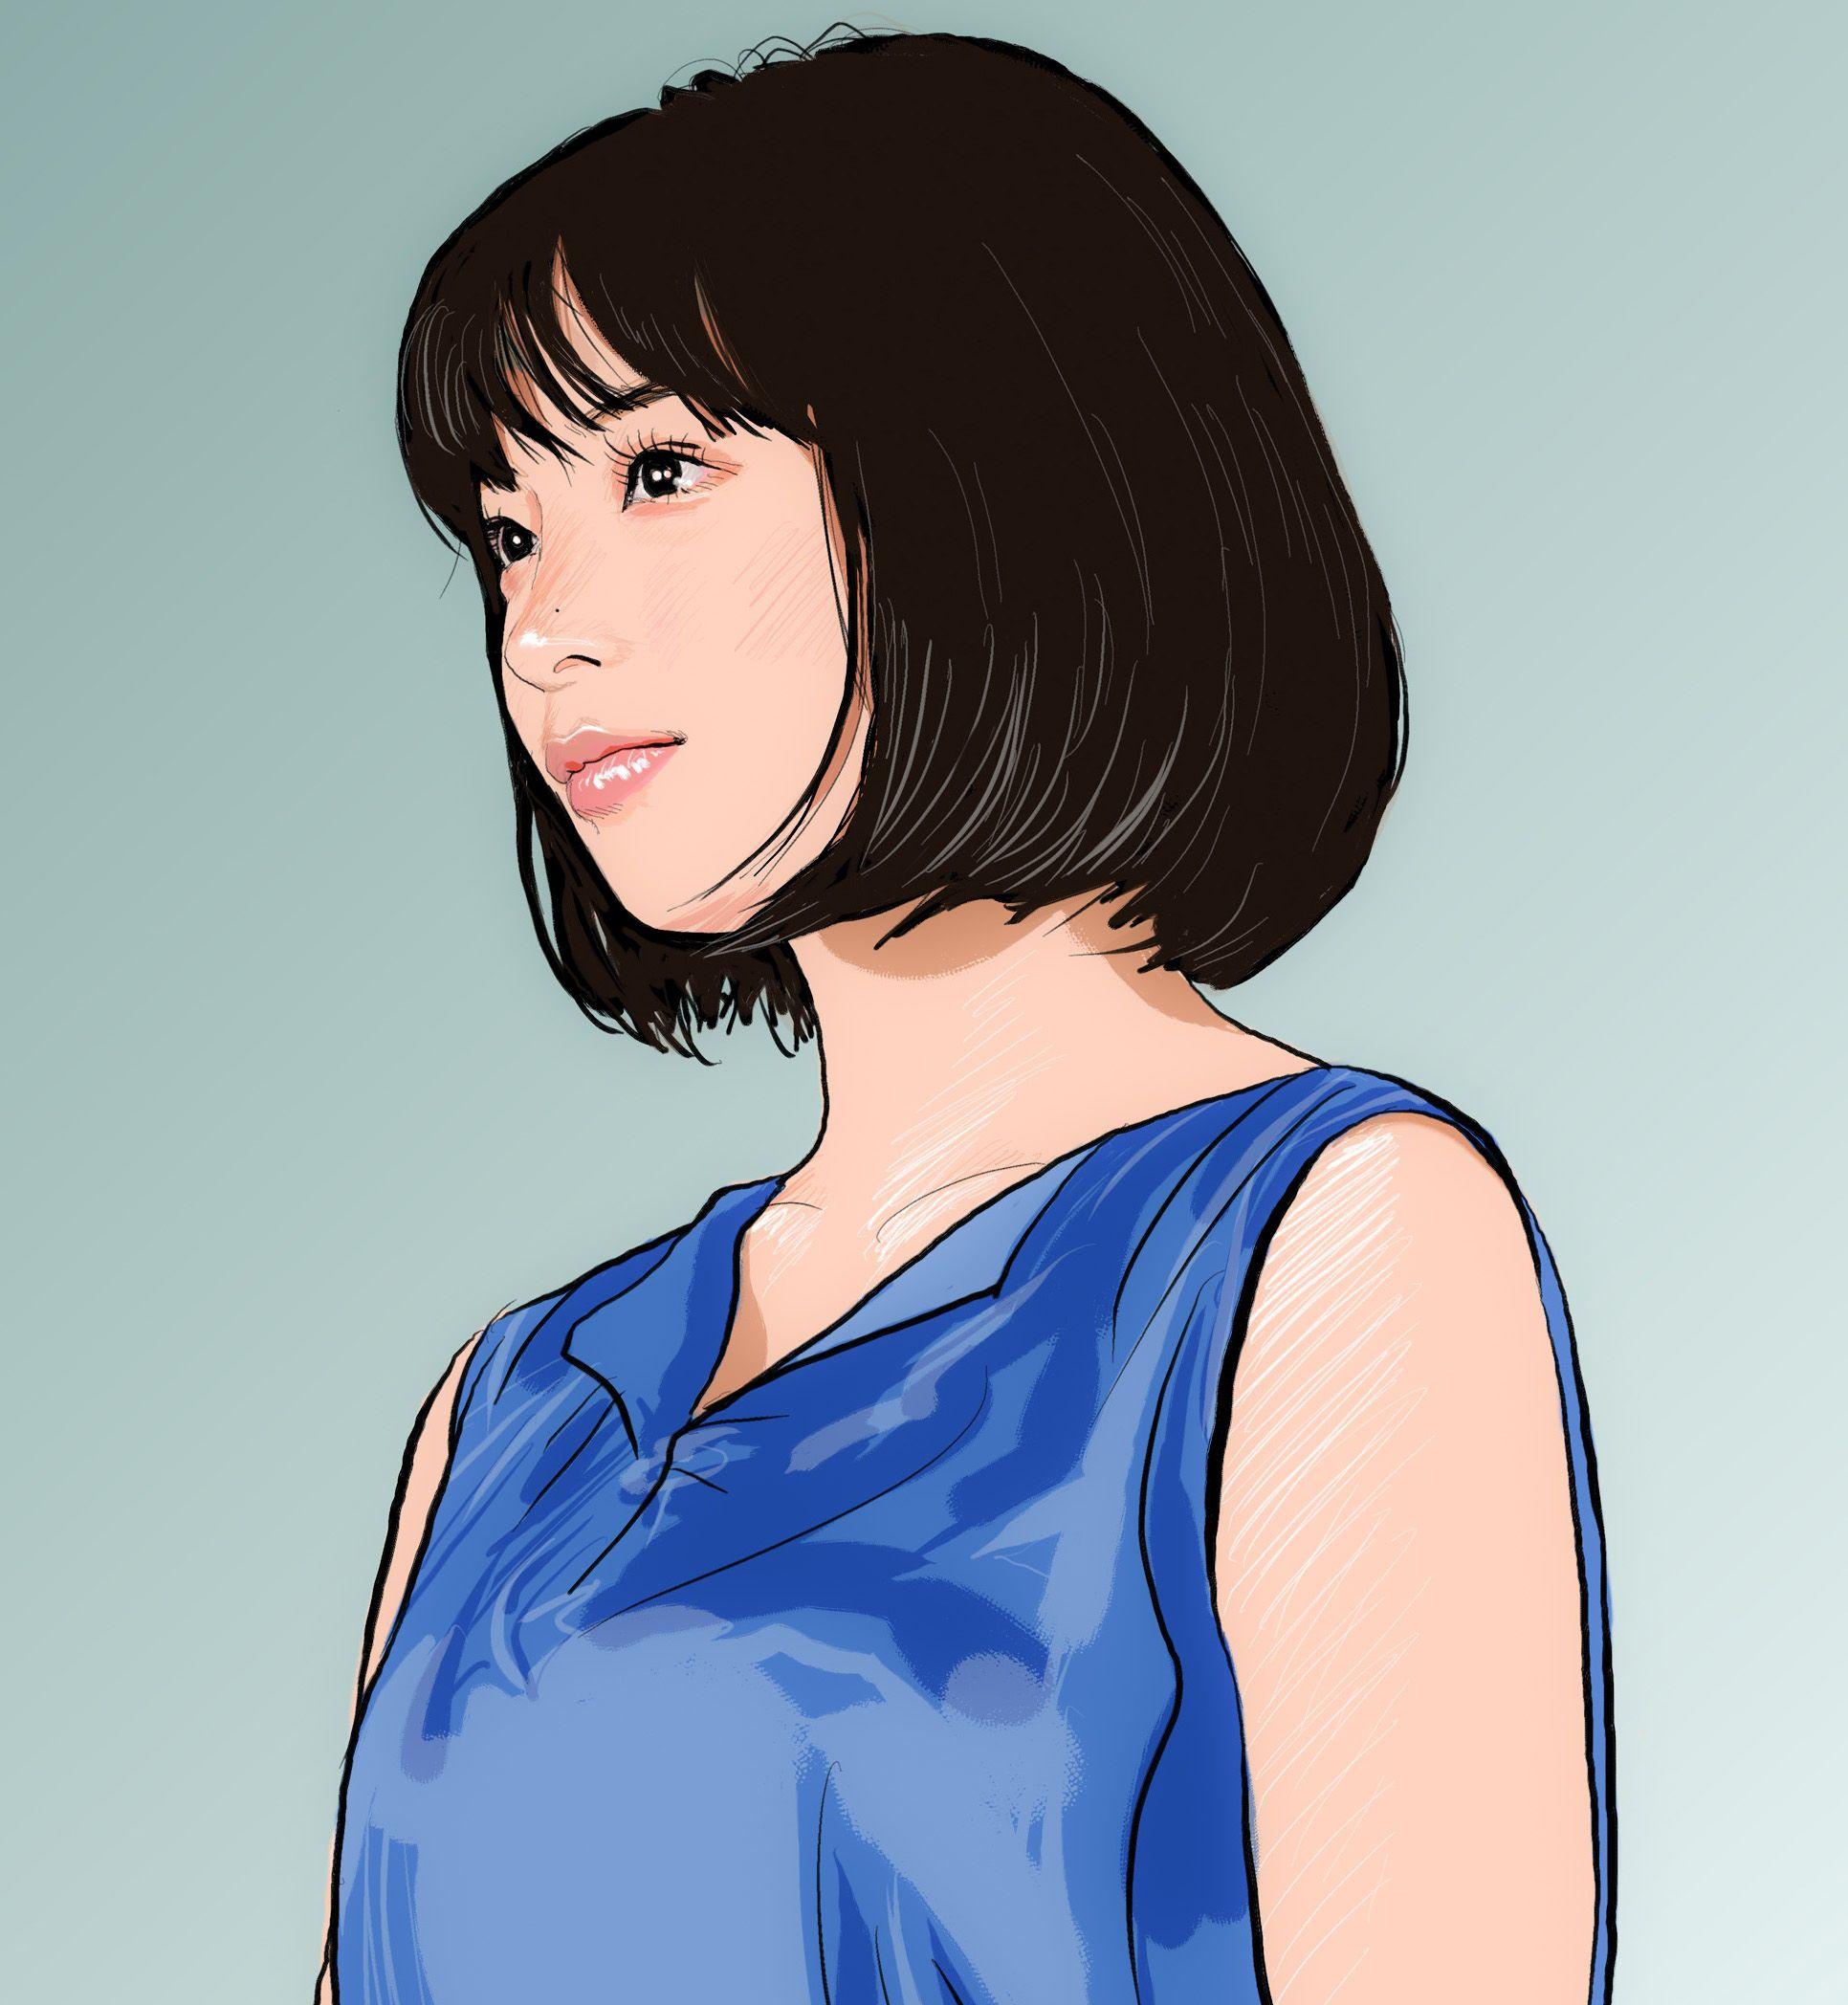 広瀬すずさん At Suzumg 似顔絵 イラスト イラストレーション 女優